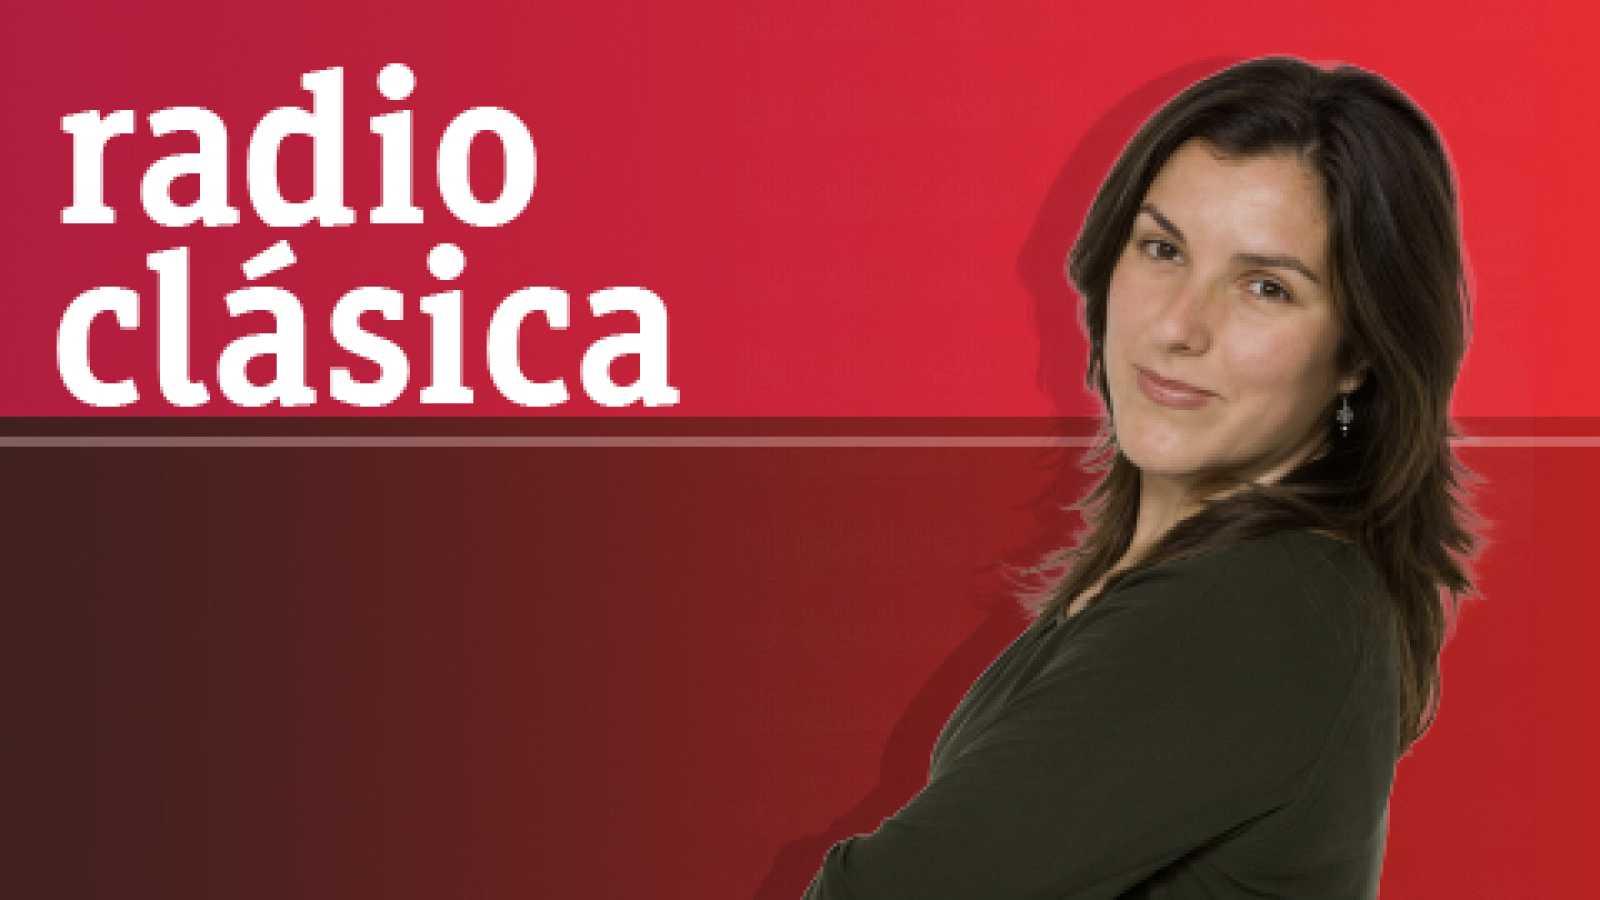 Los clásicos - La organista Liudmila Matsyura, una mujer orquesta - 09/10/13 - escuchar ahora